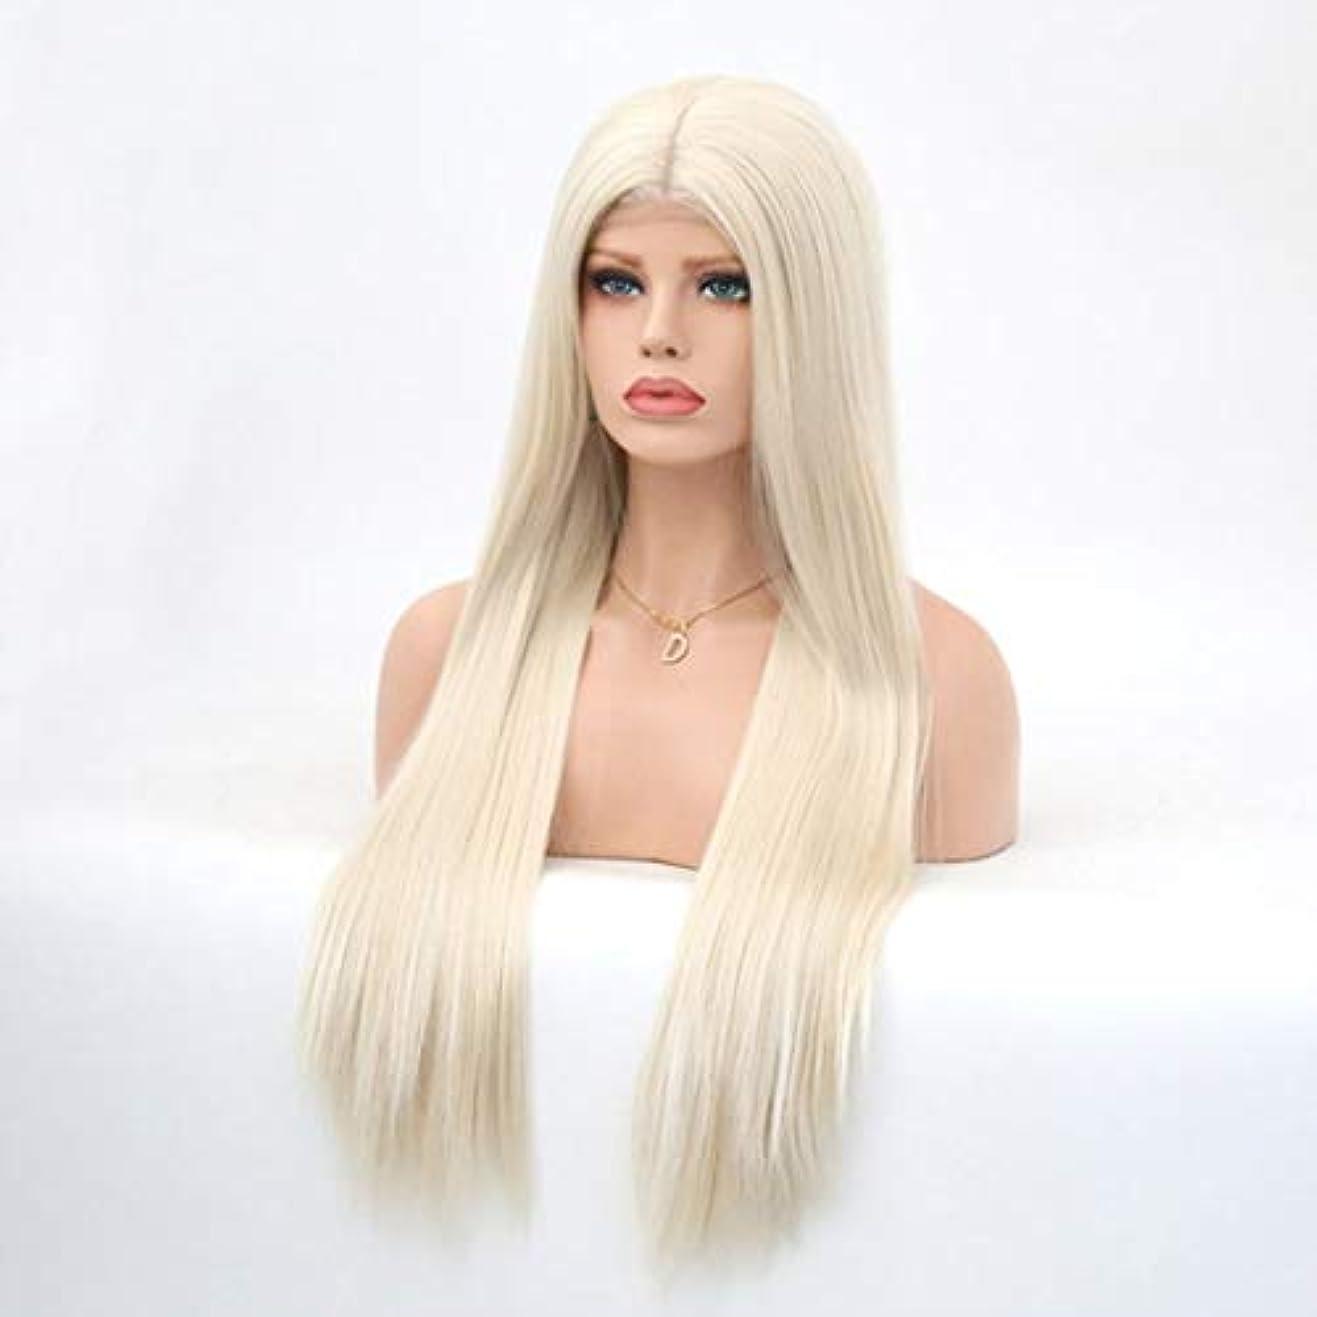 従う抜け目のない目的Summerys レディースシルクロングストレートブラックウィッグ耐熱合成かつら前髪付きウィッグ女性用ウィッグ